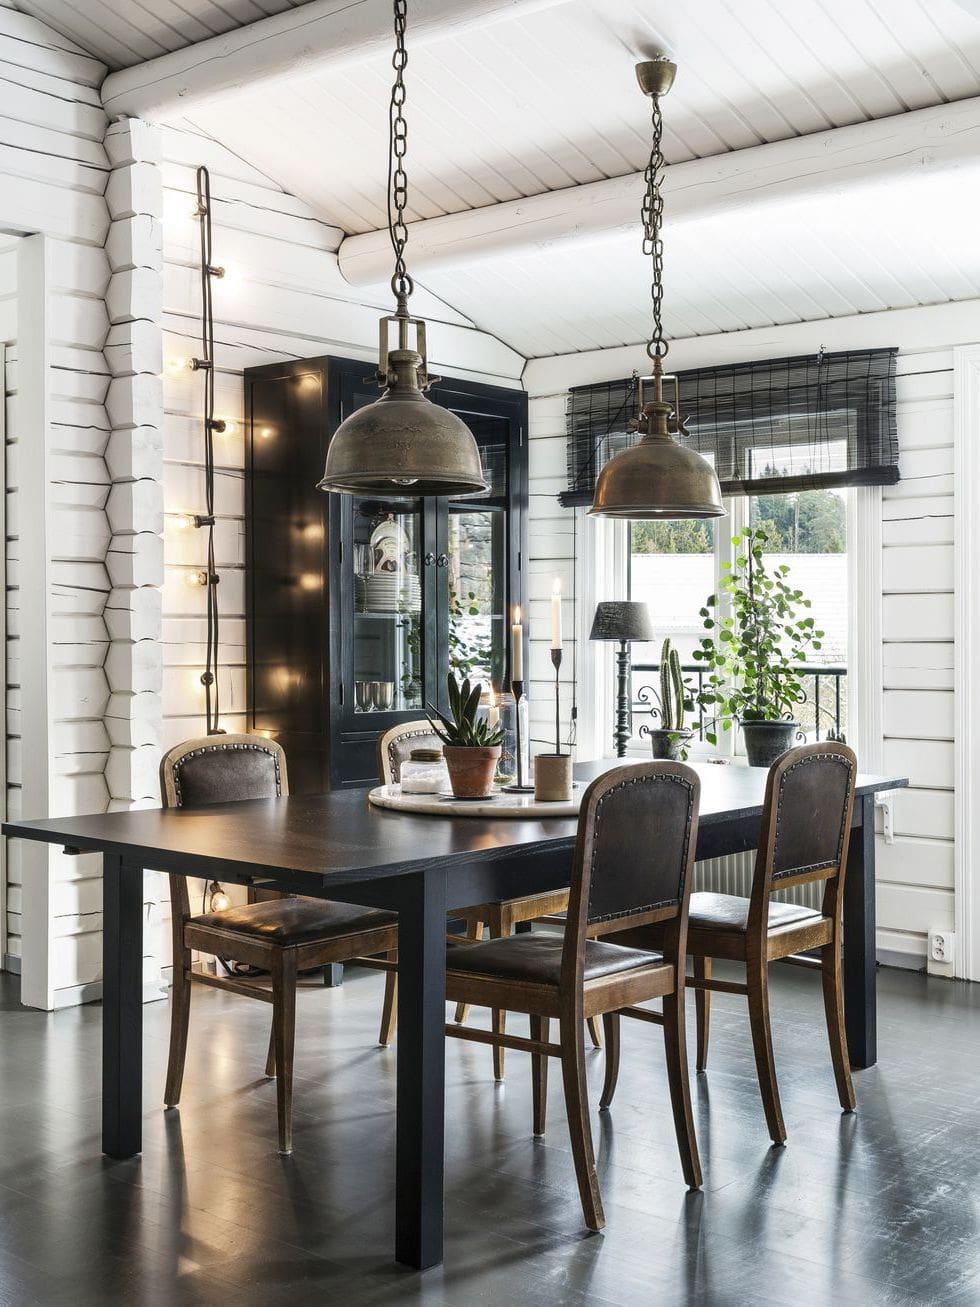 В современном интерьере найдется место для ретро мебели